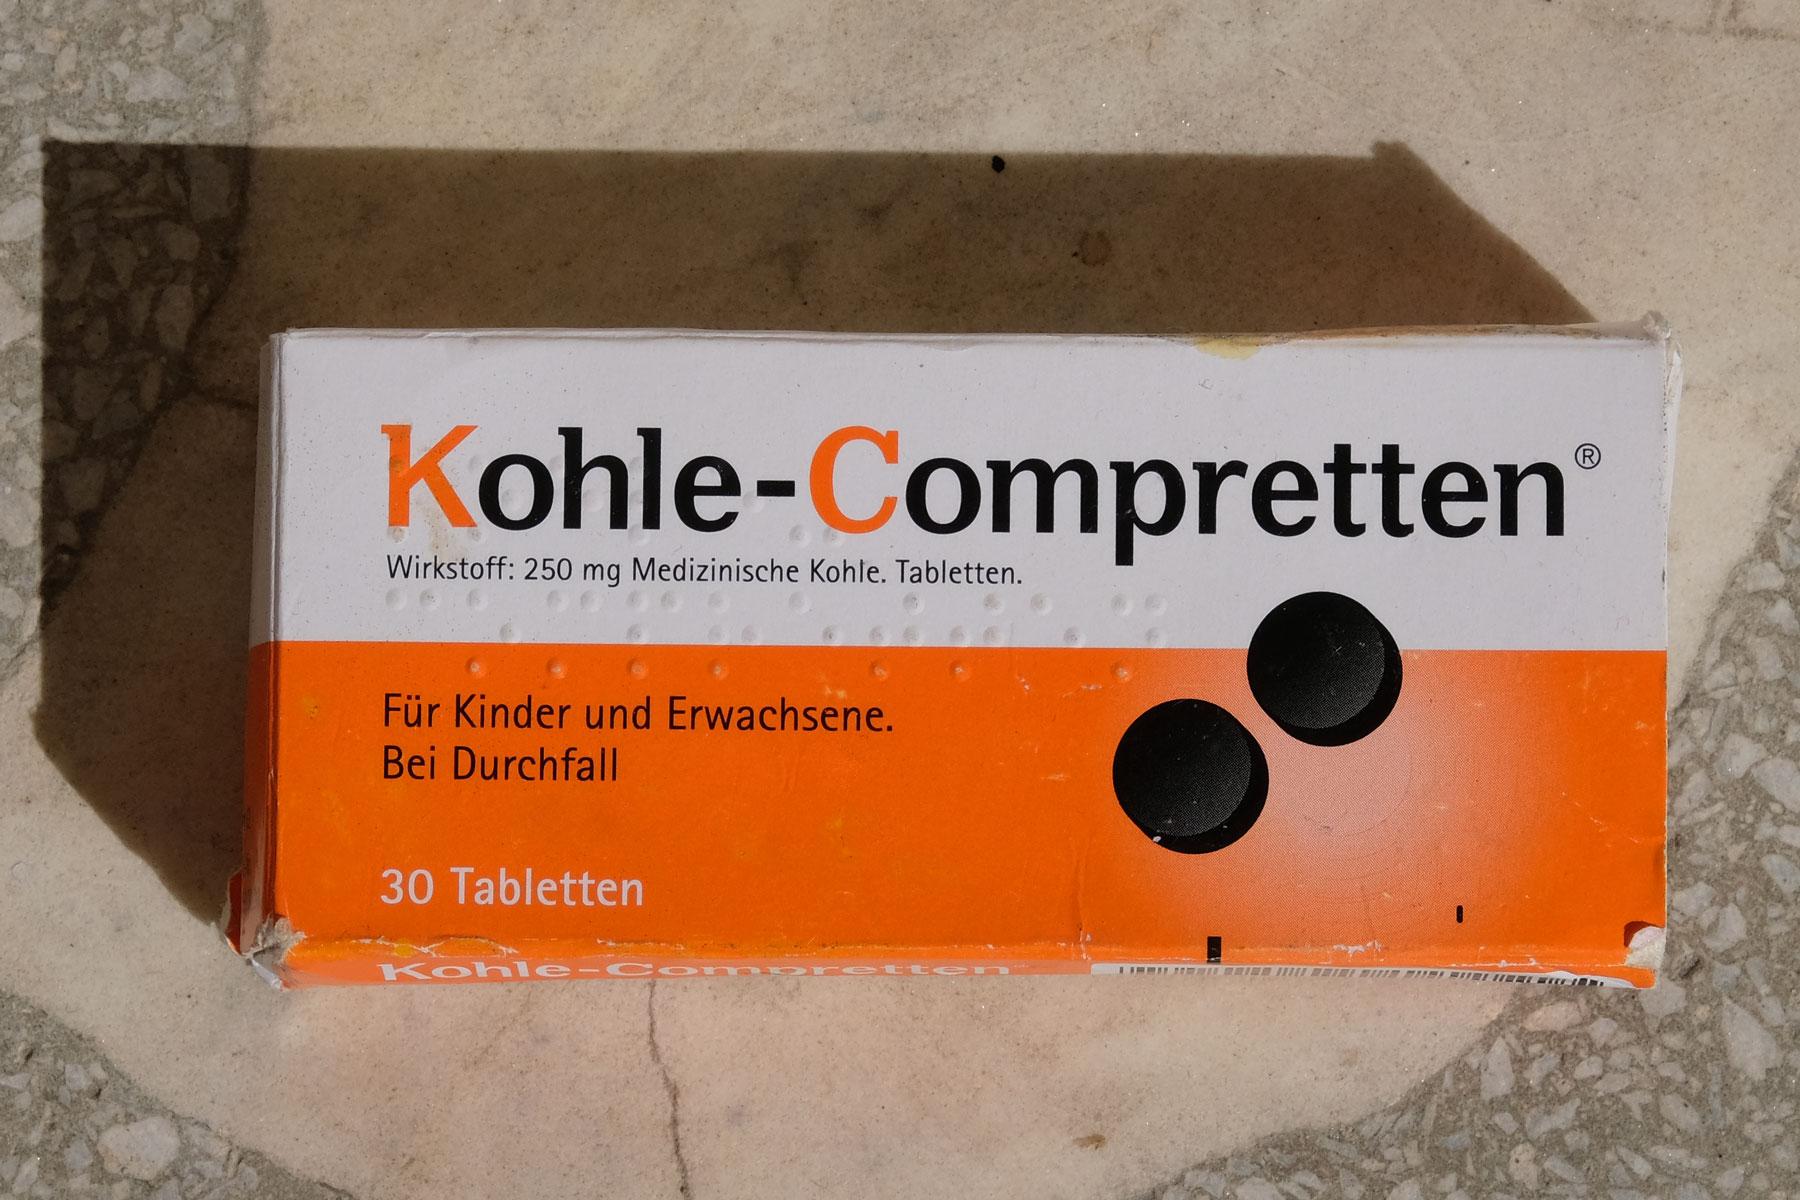 Eine Packung Kohle-Compretten gegen Durchfall.